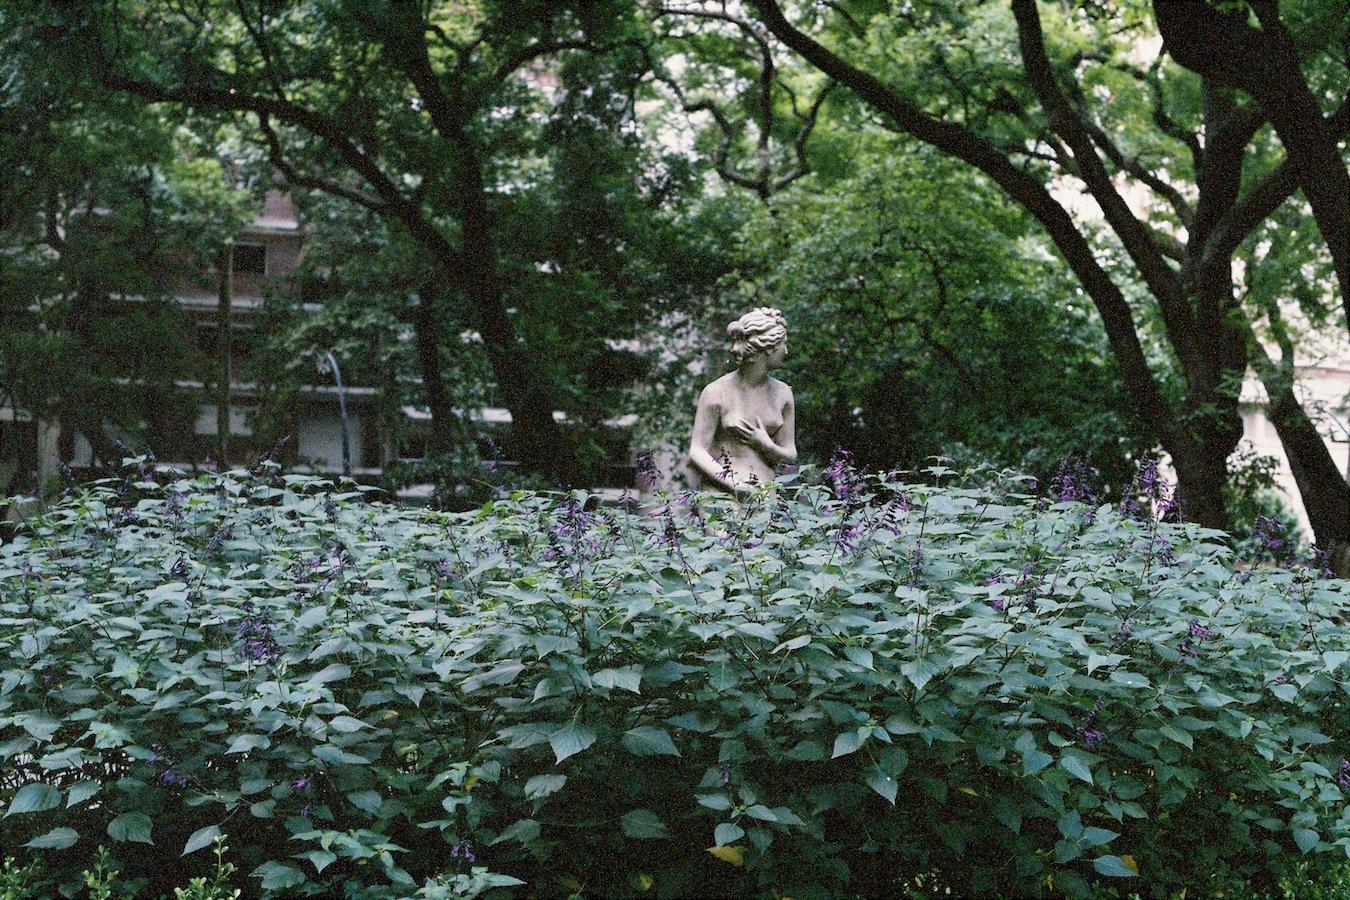 http://lafilladelfotografu.irenavisa.com/files/gimgs/88_f1010012-1.jpg